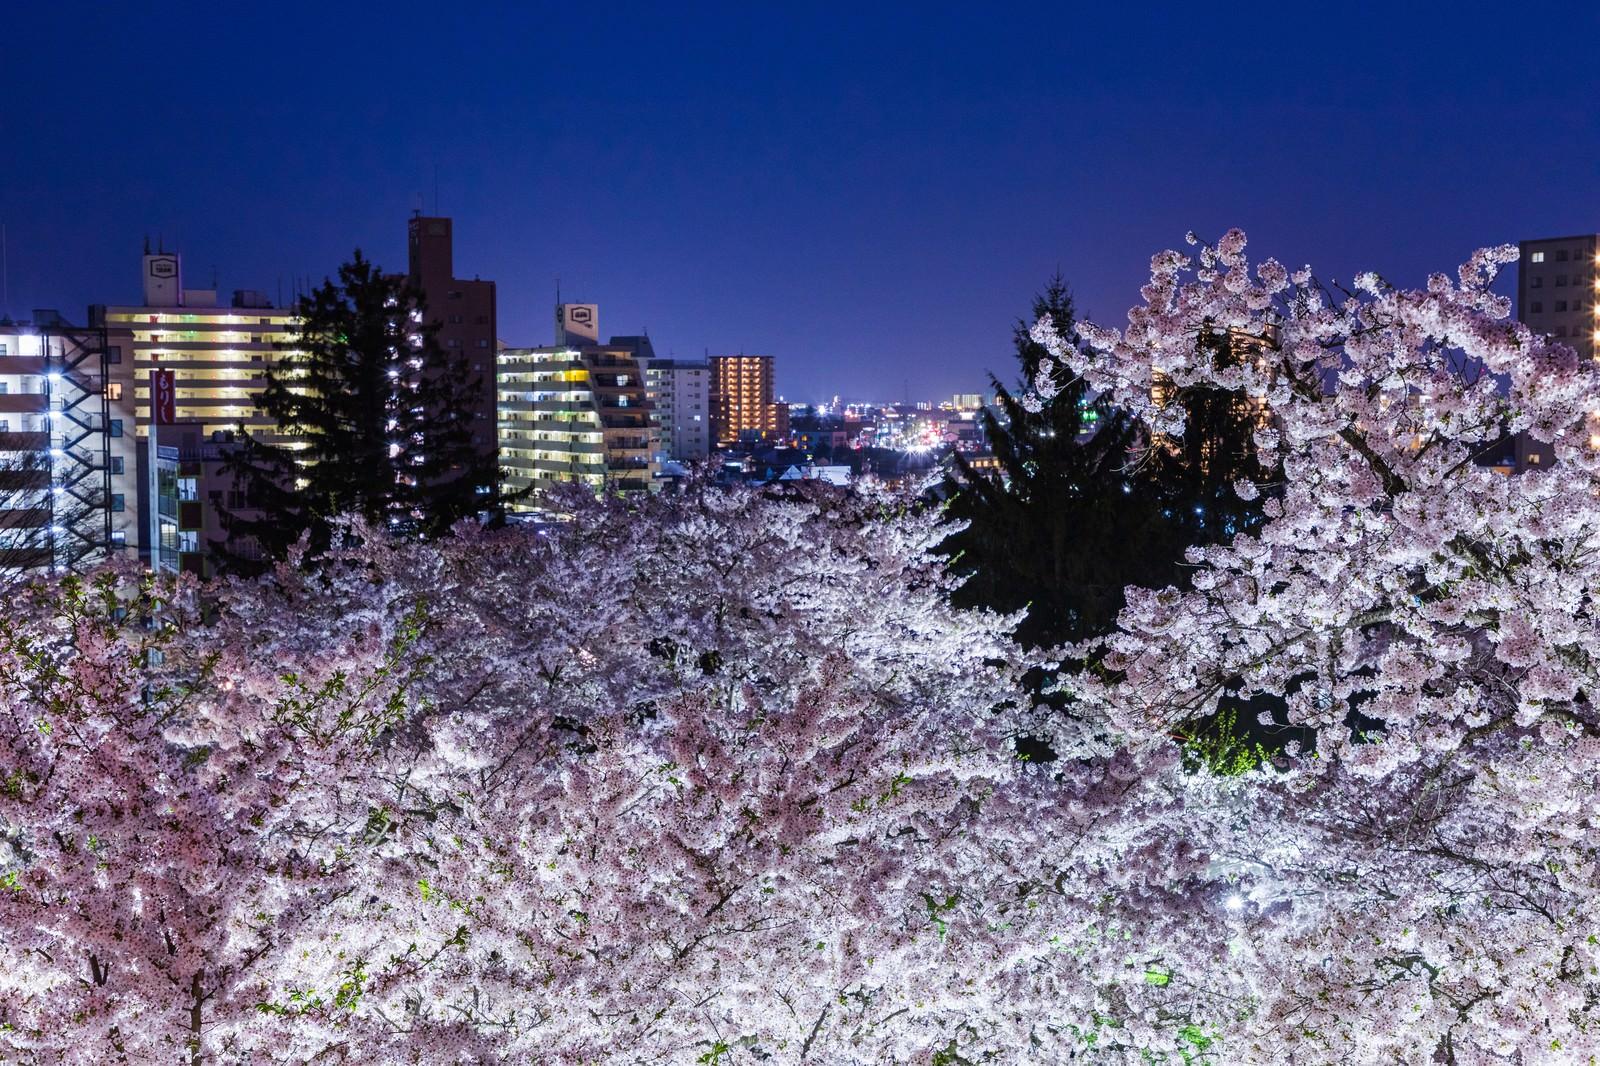 「盛岡城跡の夜桜と市街 | 写真の無料素材・フリー素材 - ぱくたそ」の写真